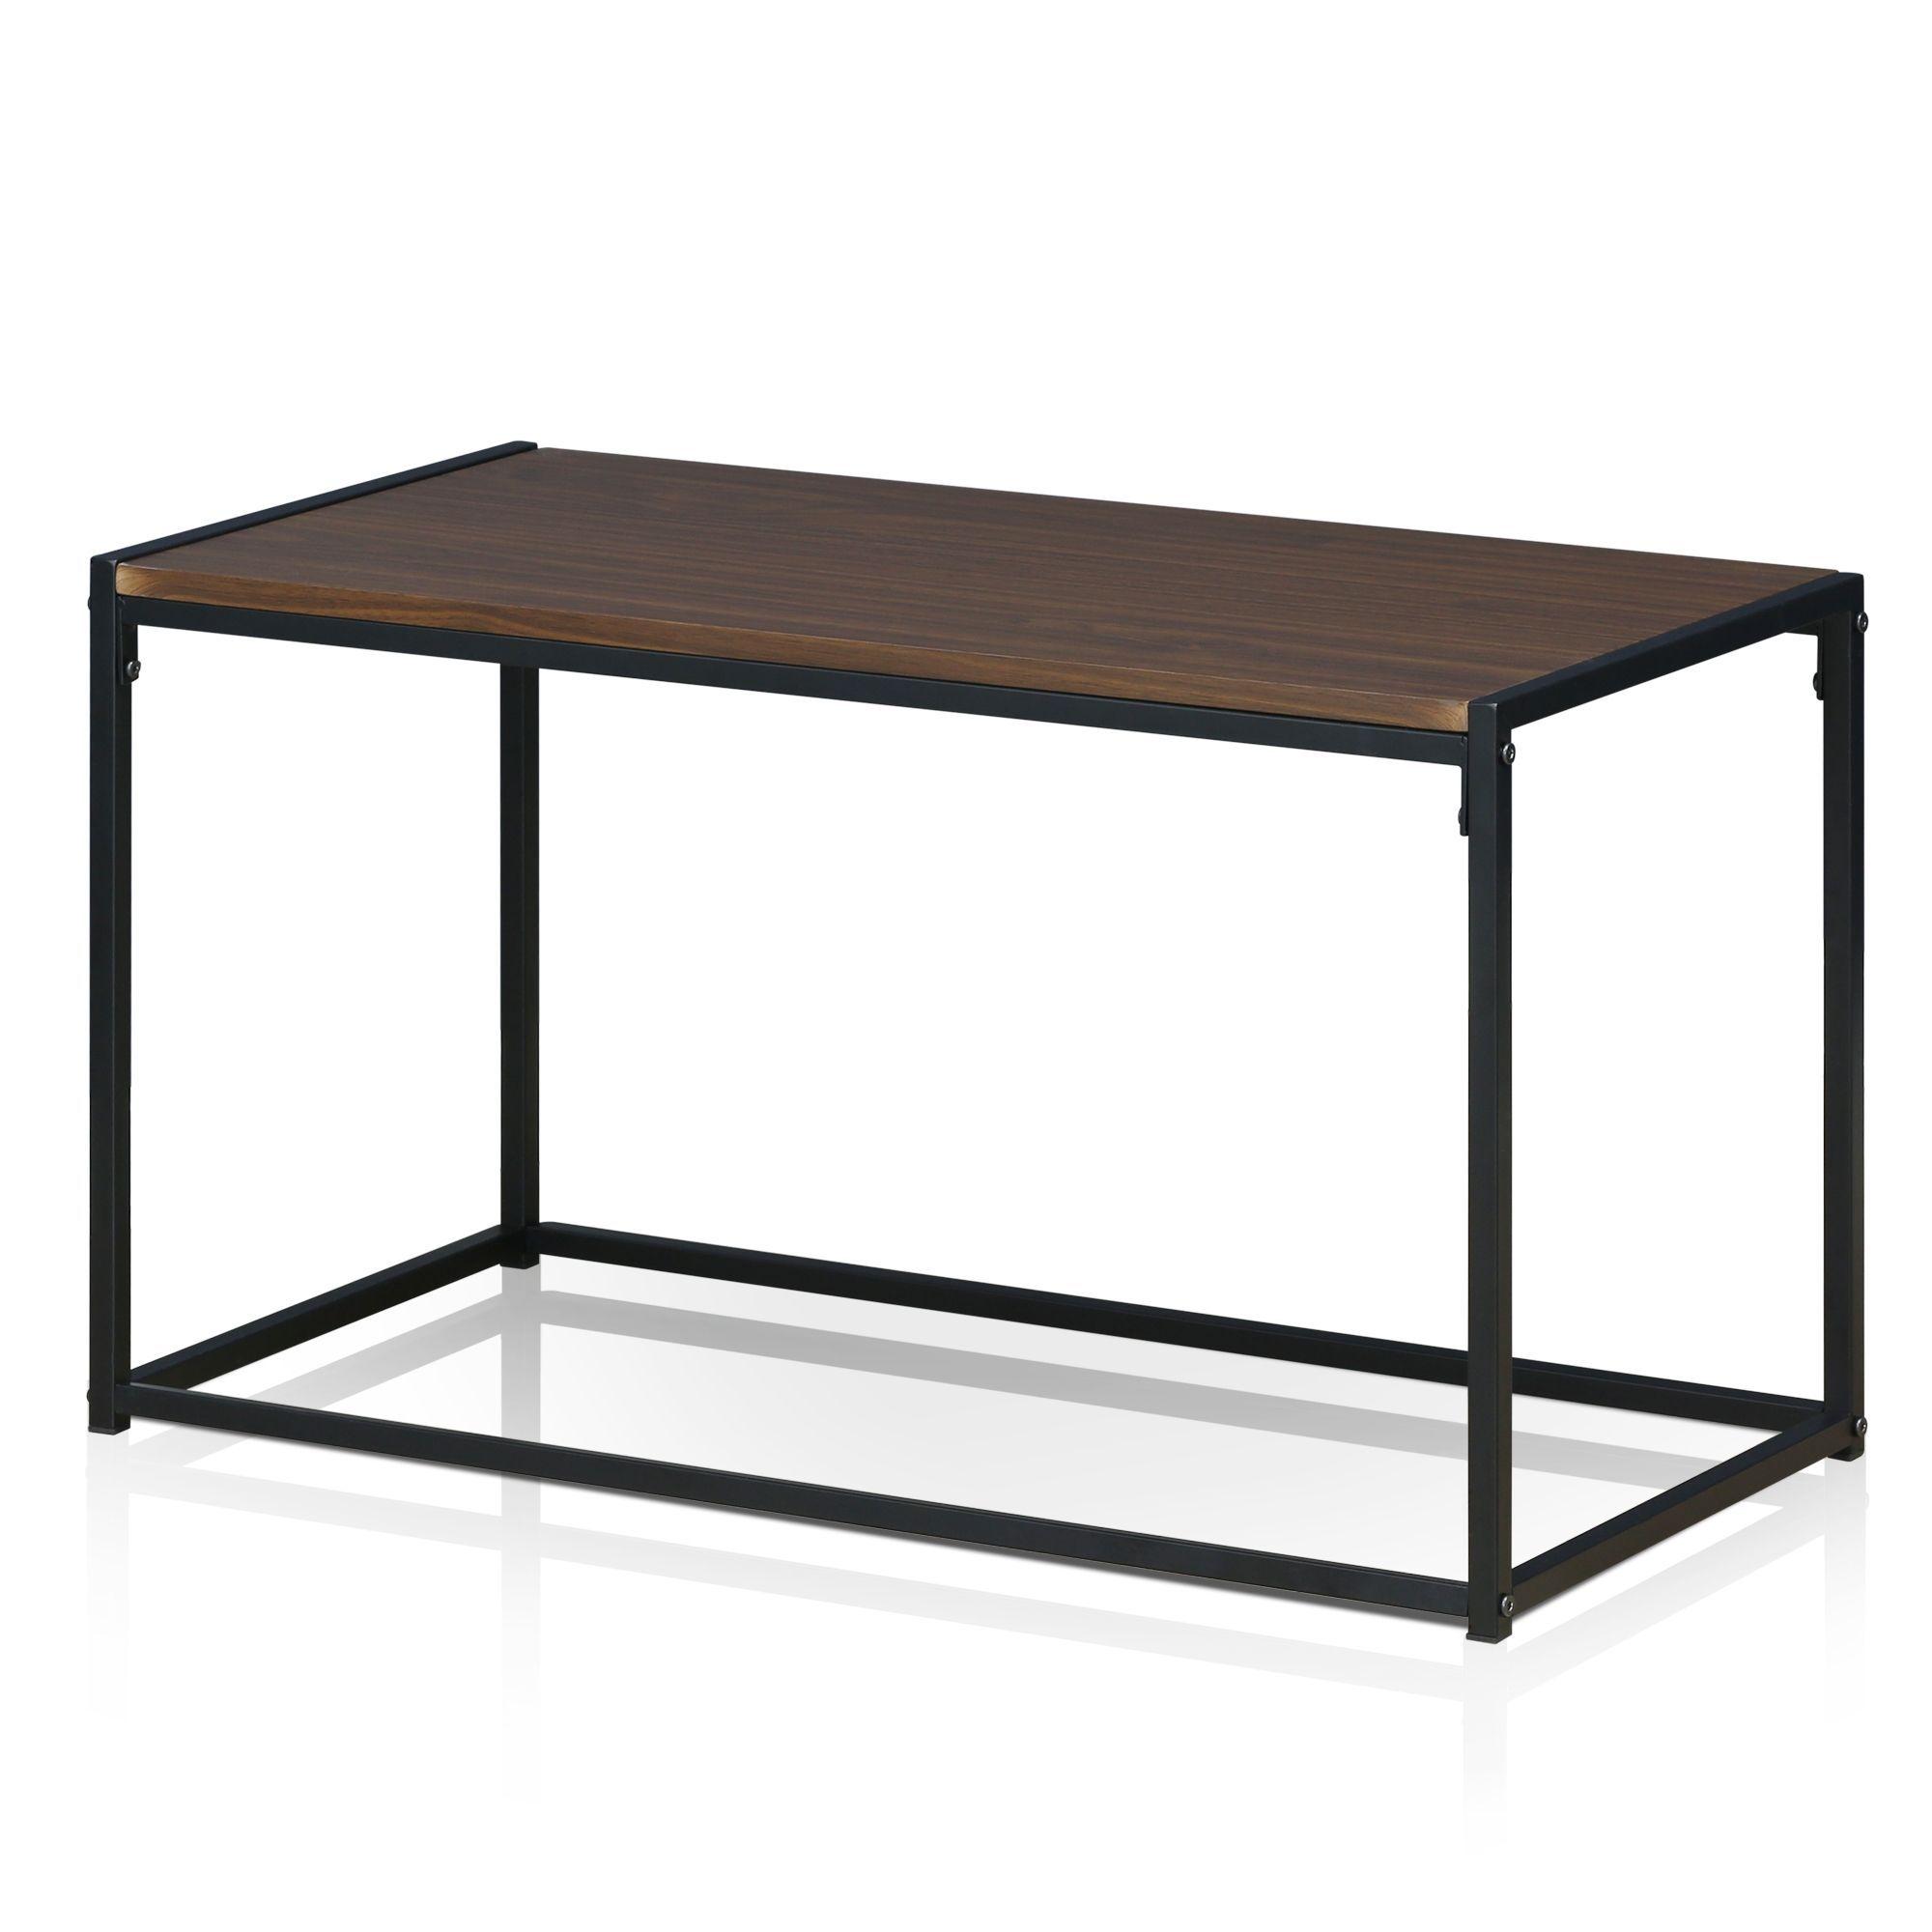 Dark Walnut Finish Modern Coffee Table Walnut In 2020 Coffee Table Walnut Coffee Table Modern Coffee Tables [ 2000 x 2000 Pixel ]